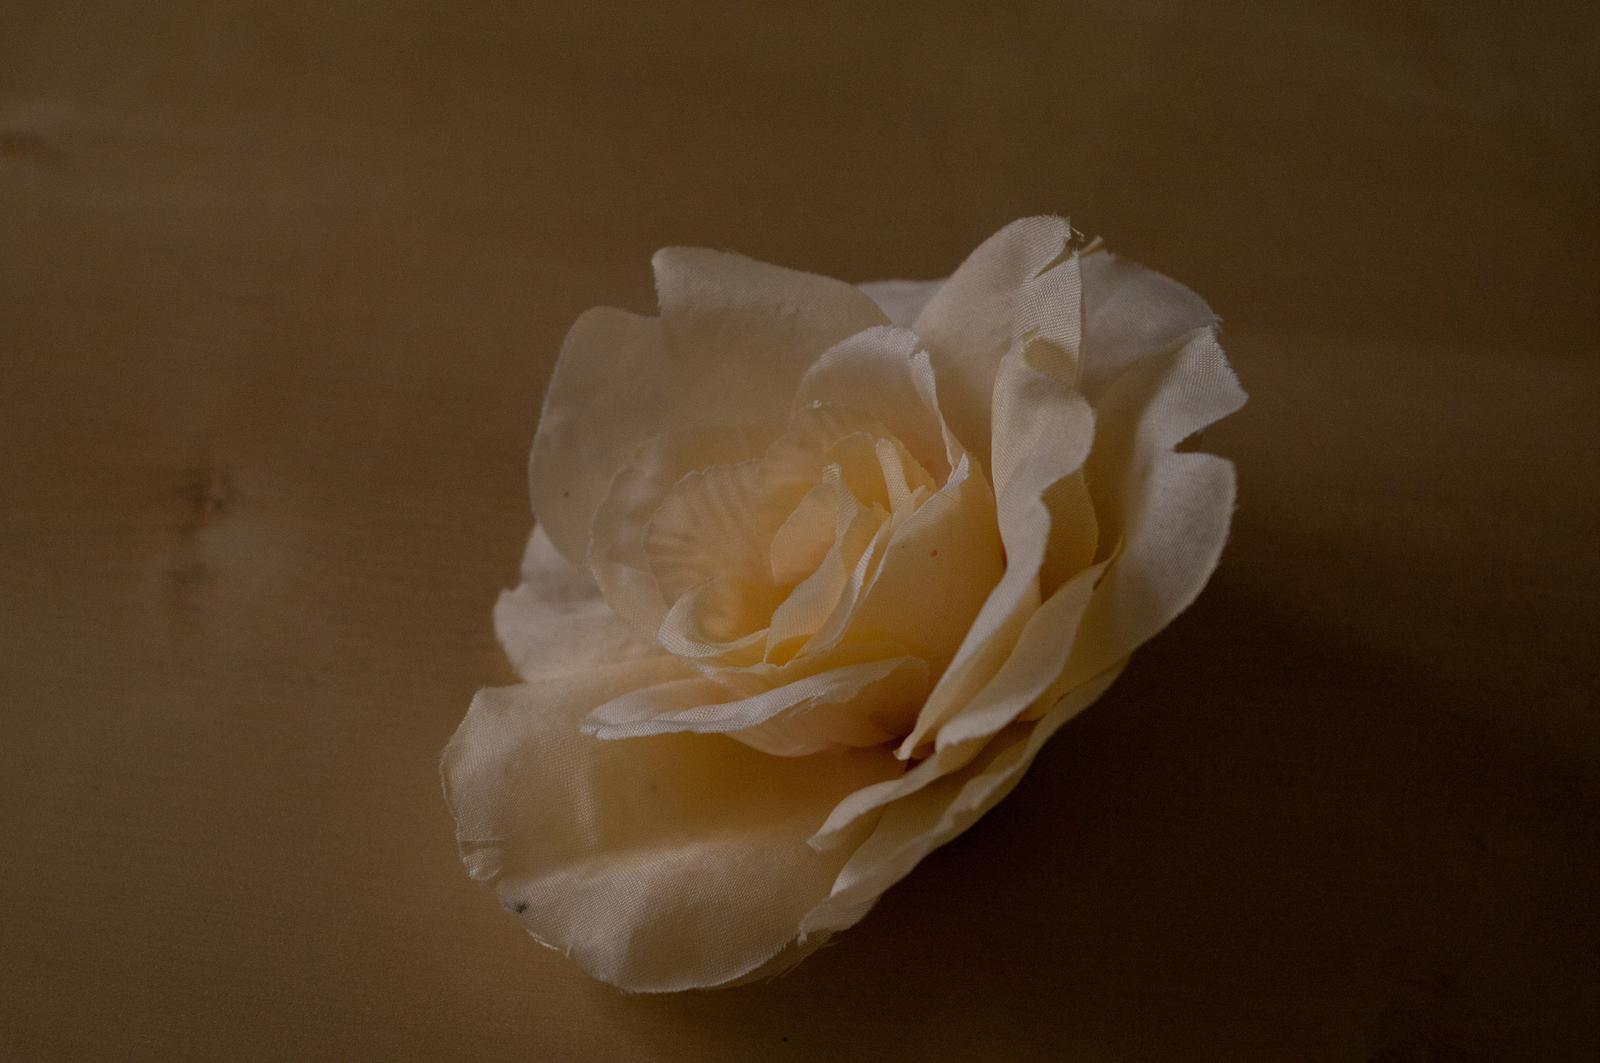 Velký květ růže 25 ks - Obrázek č. 2